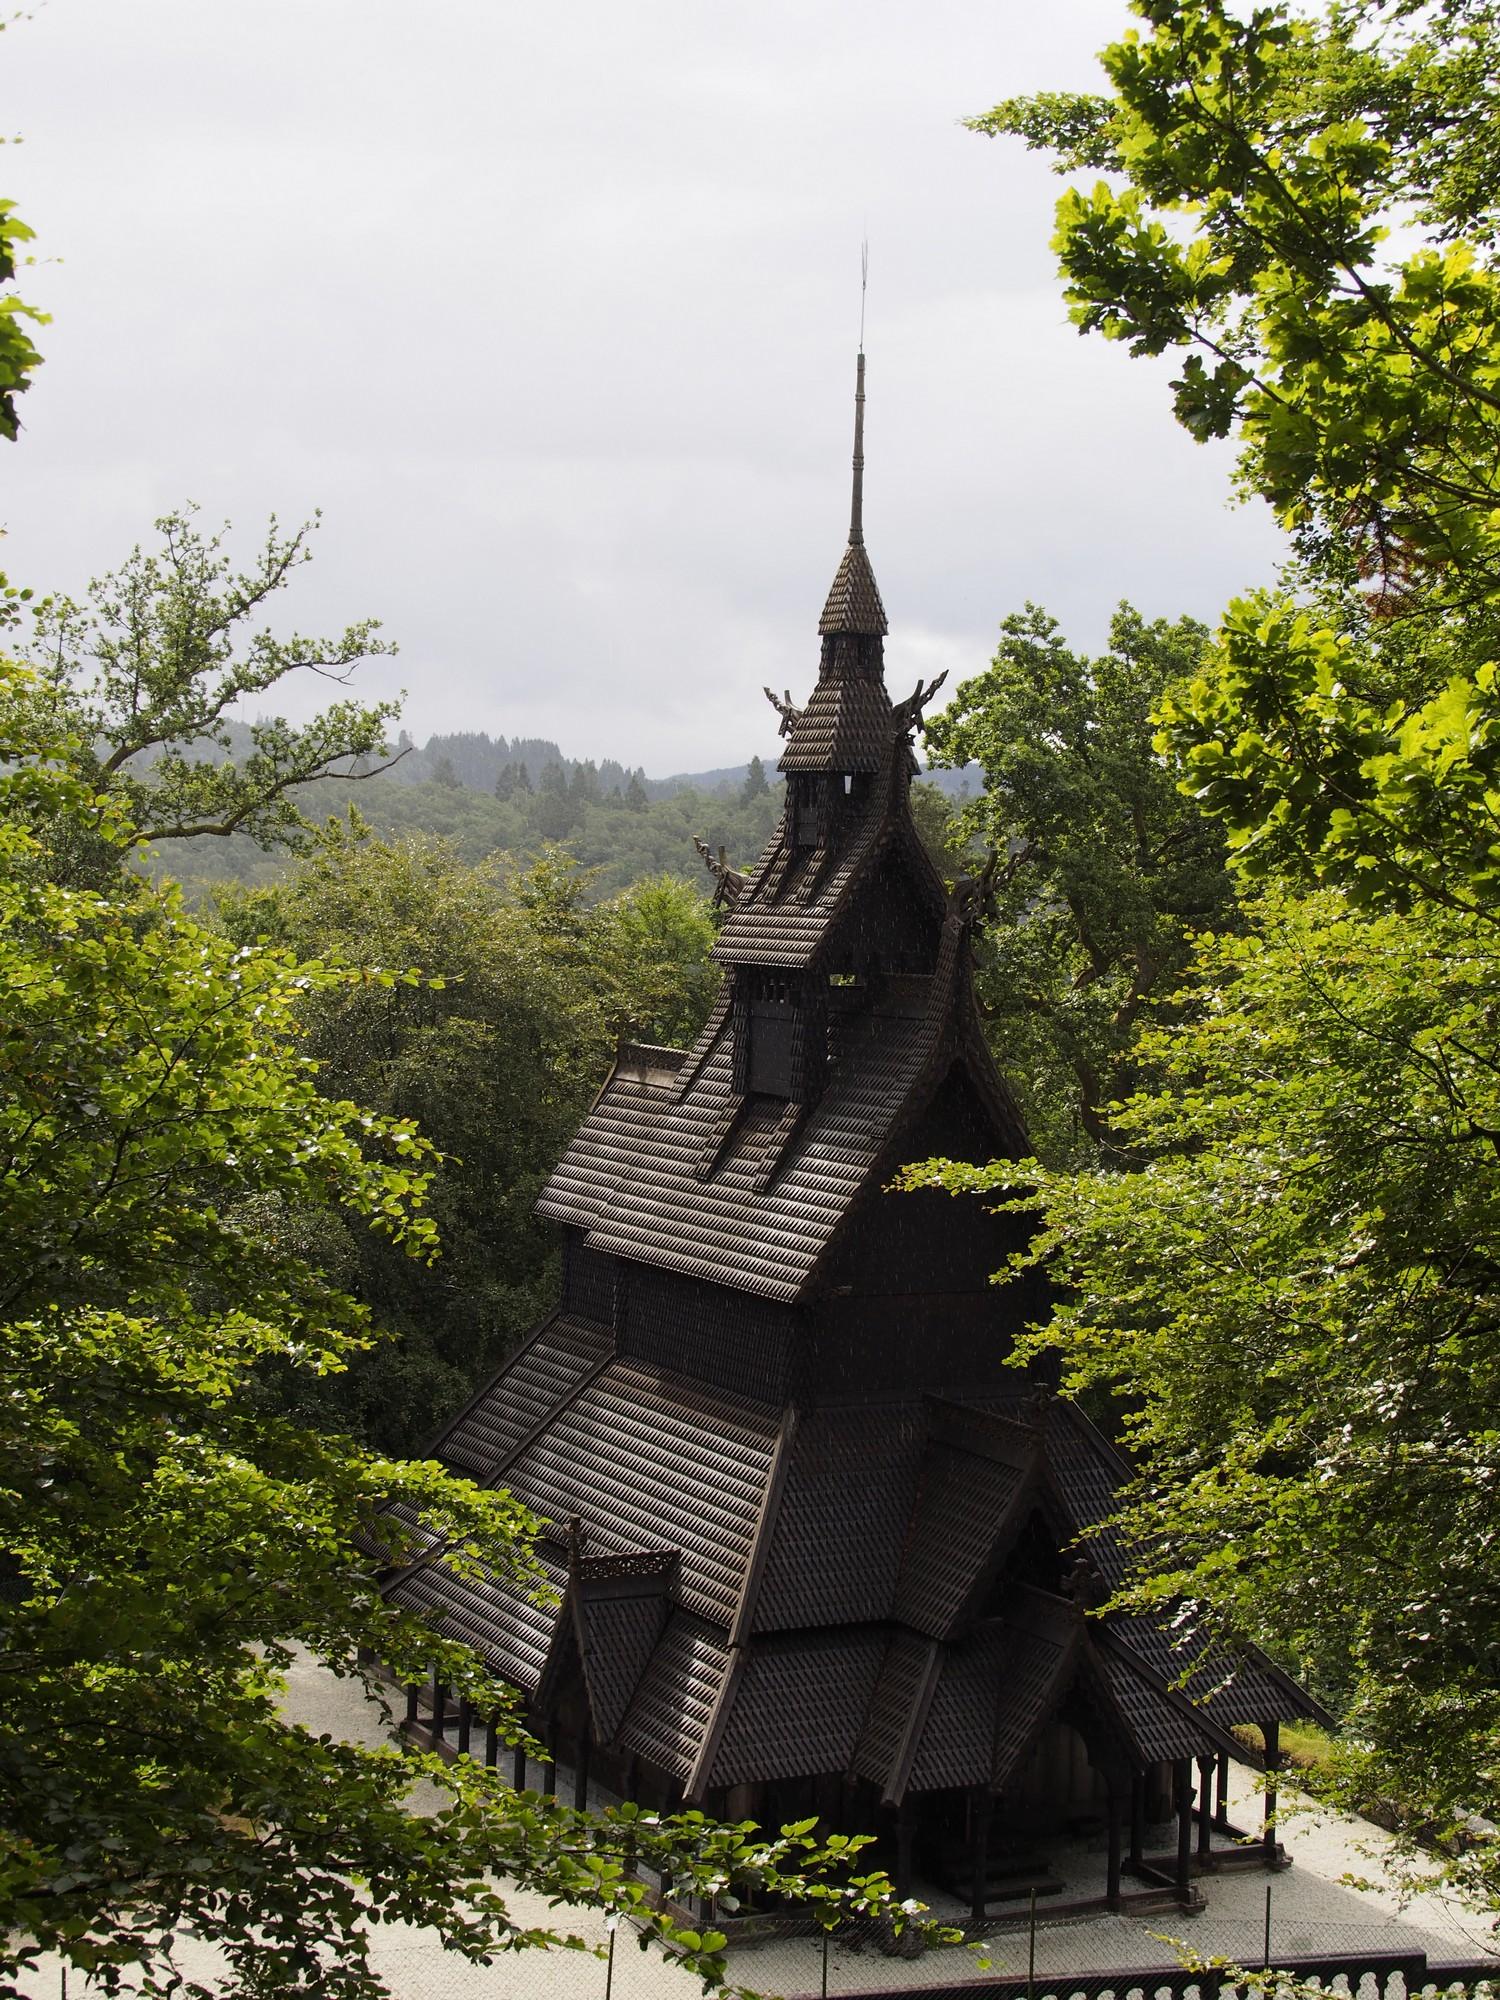 Bergen Fantoft